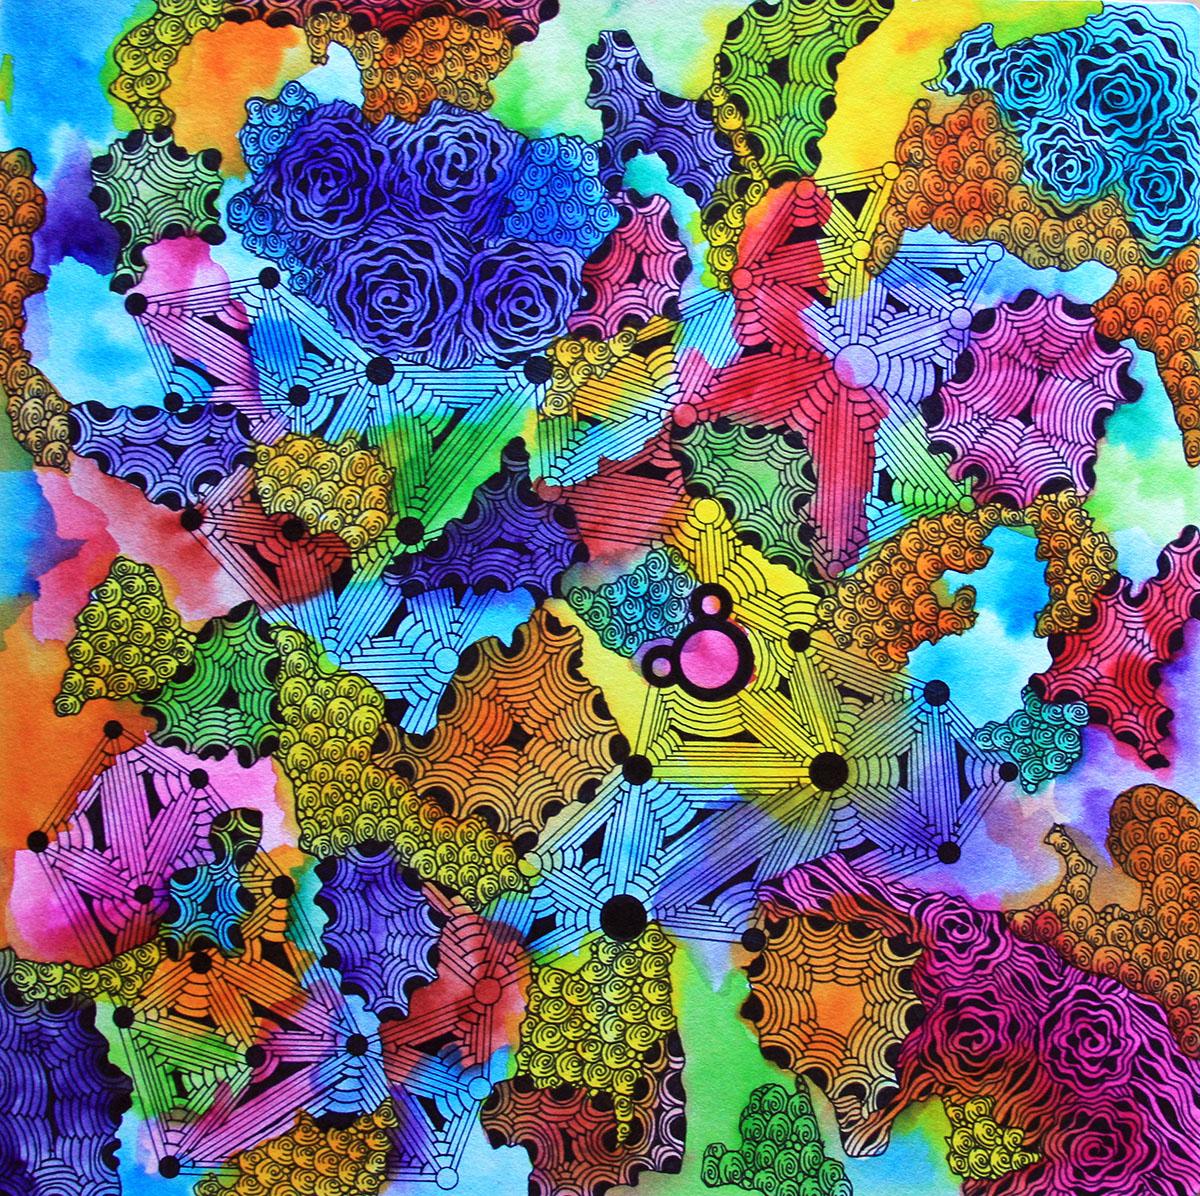 Watercolor Zentangle - Alice Hendon - Doodlewash